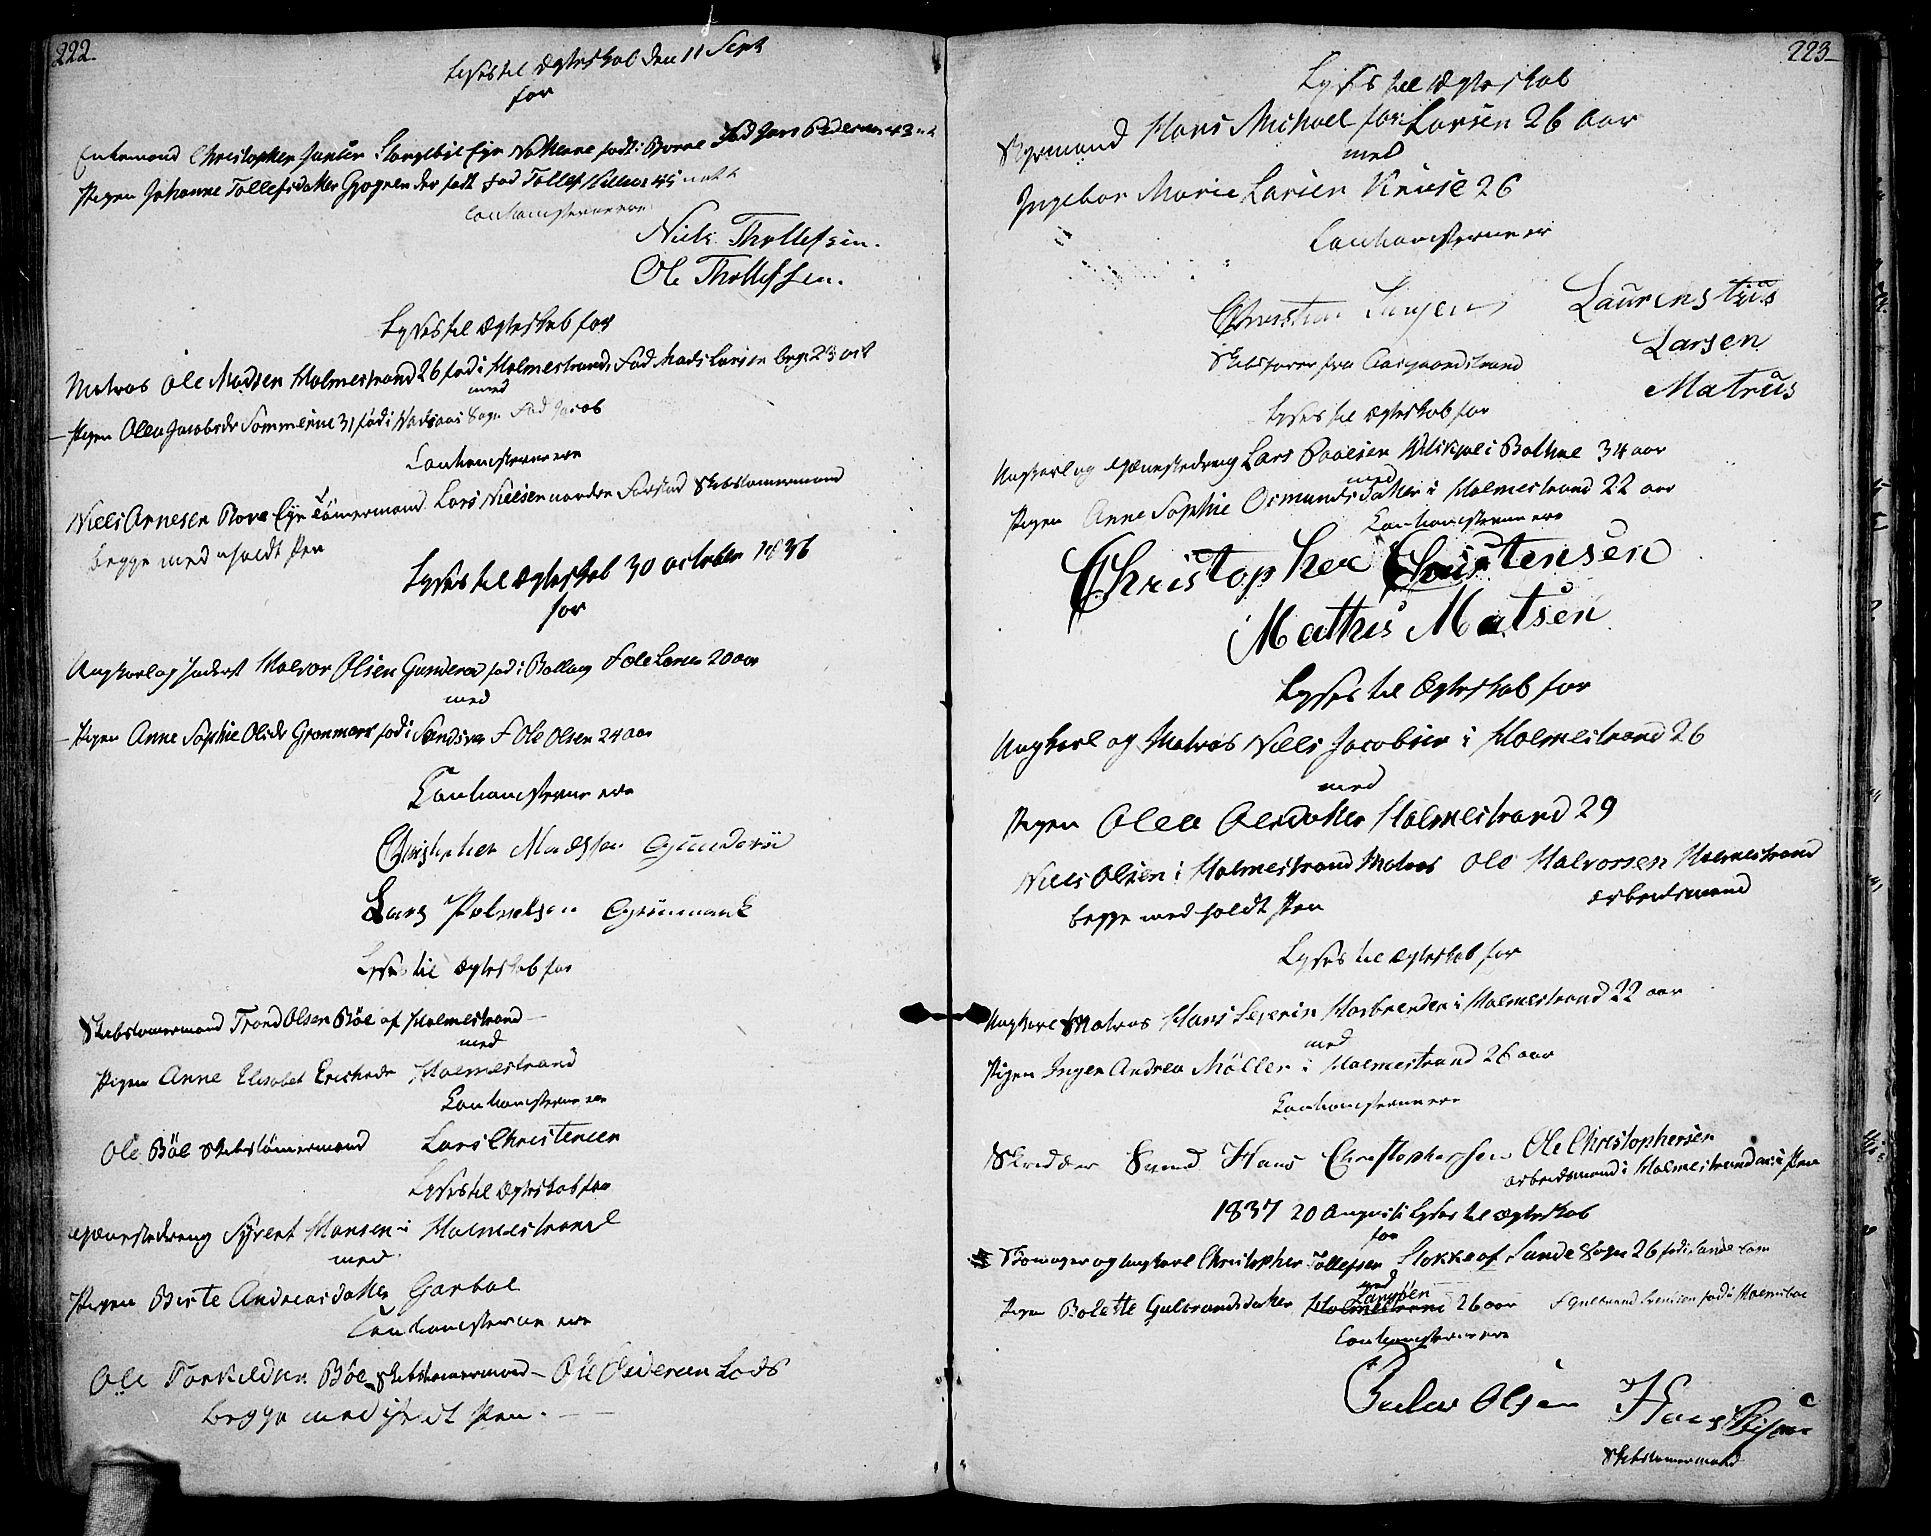 SAKO, Botne kirkebøker, F/Fa/L0003: Ministerialbok nr. I 3 /1, 1792-1844, s. 222-223